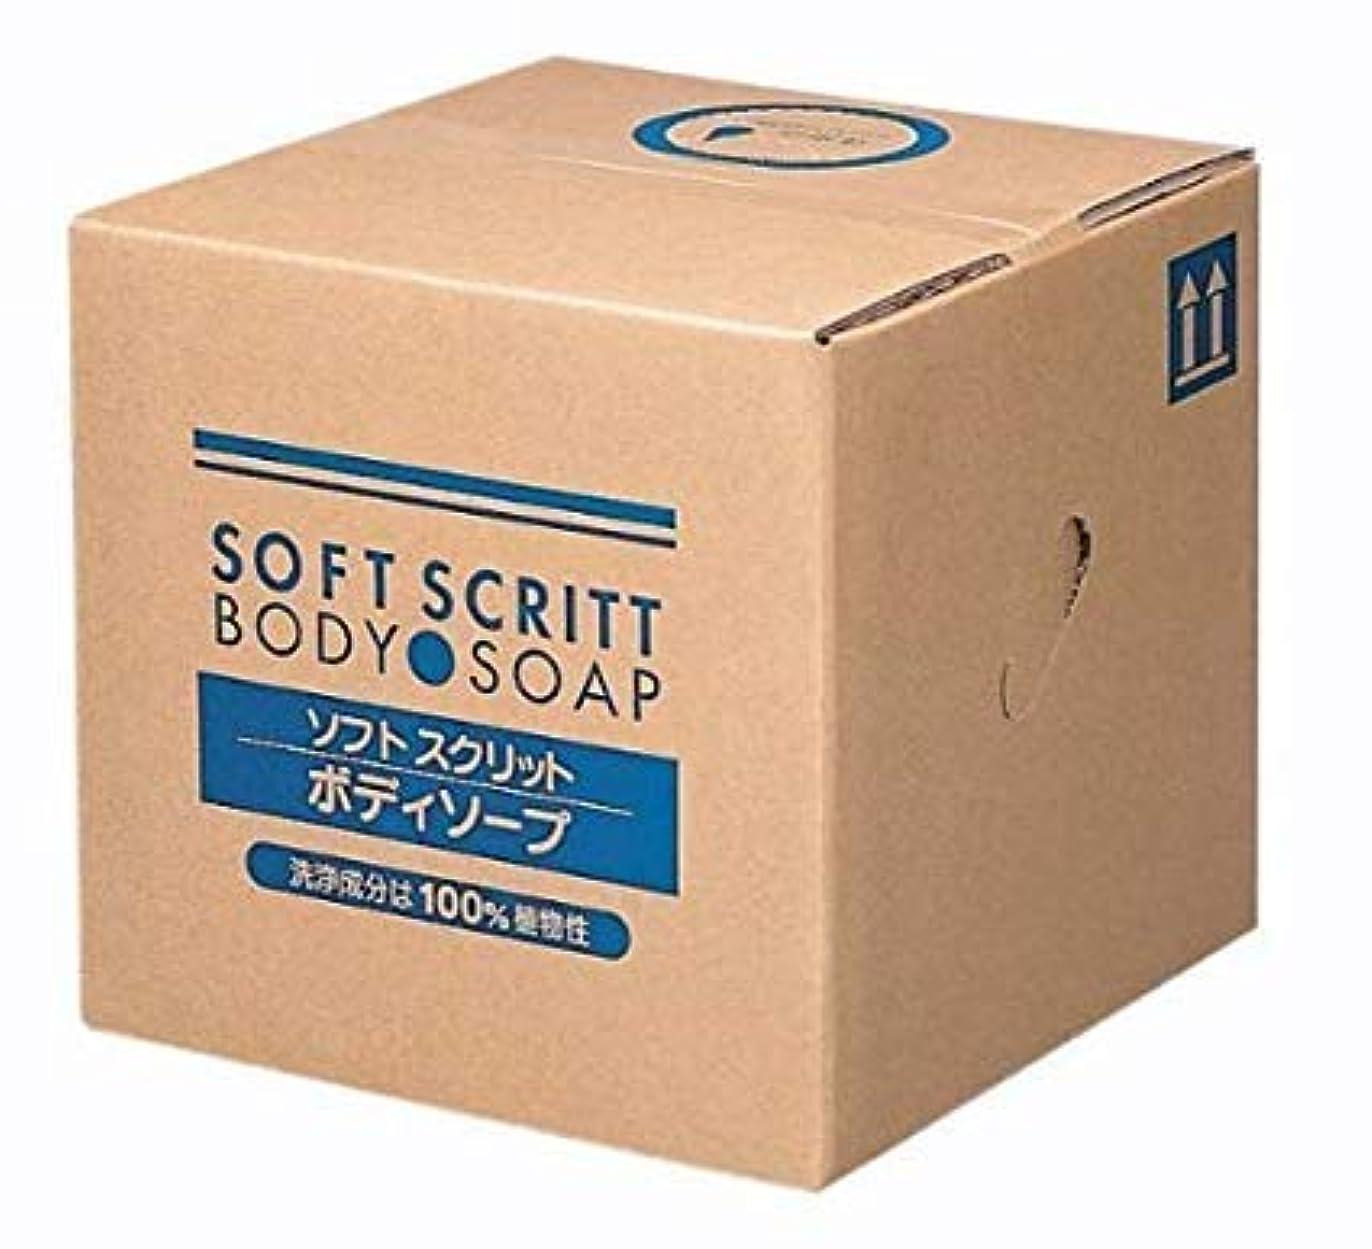 飢えた証人肘SOFT SCRITT(ソフトスクリット) ボディソープ 詰替用 18L 4353 (熊野油脂) (清拭小物)